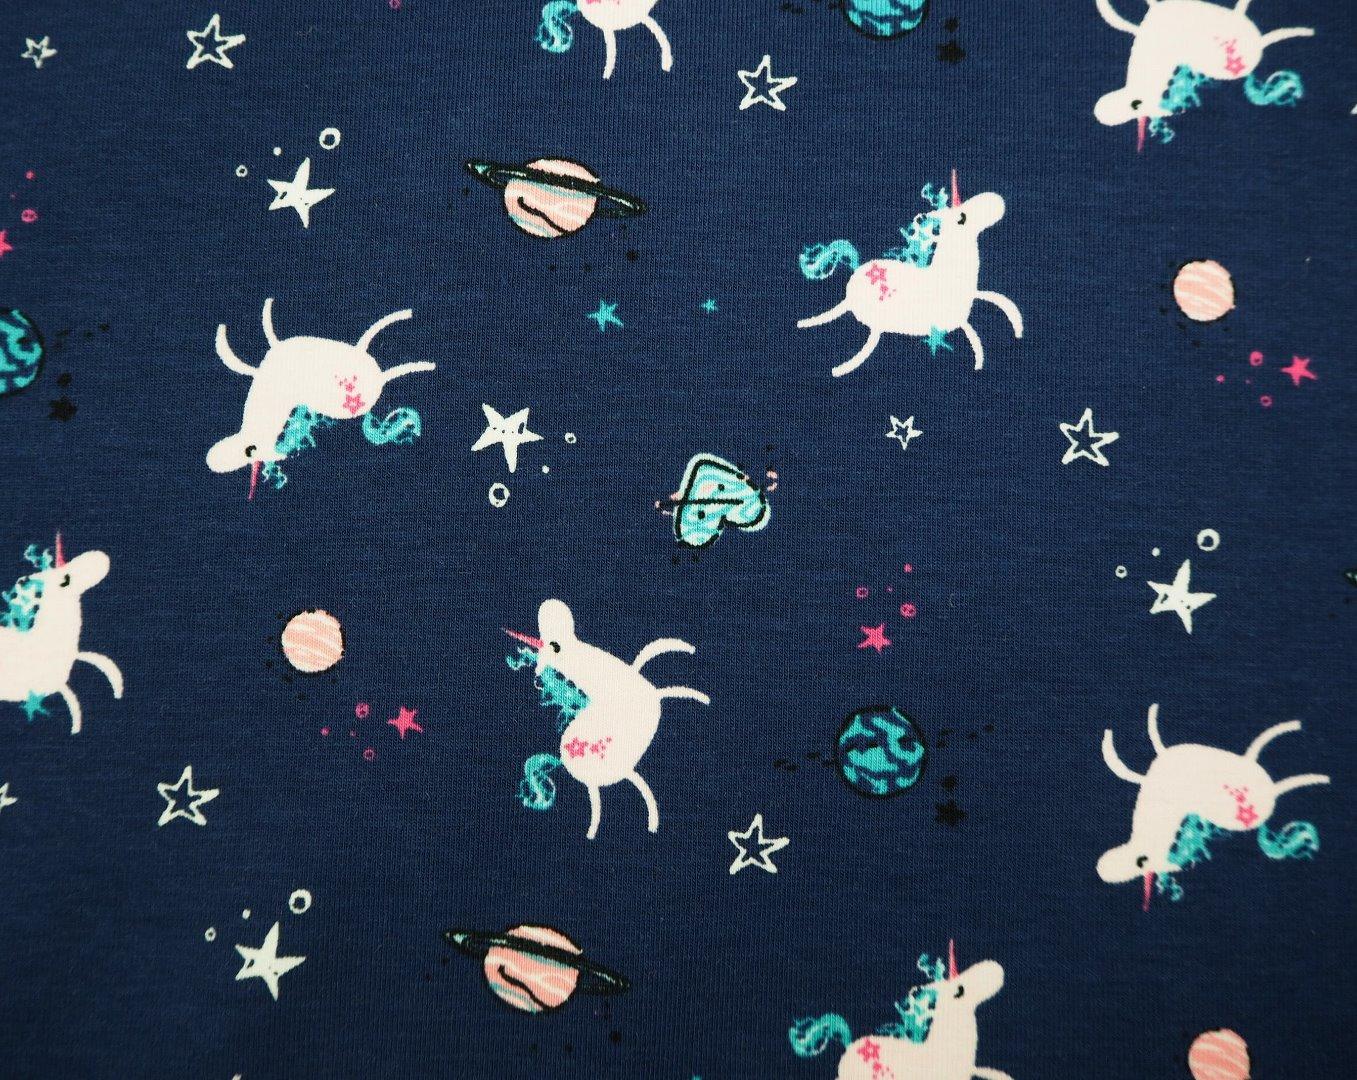 Baumwolljersey Einhörner Sterne Herzen blau rosa - 1